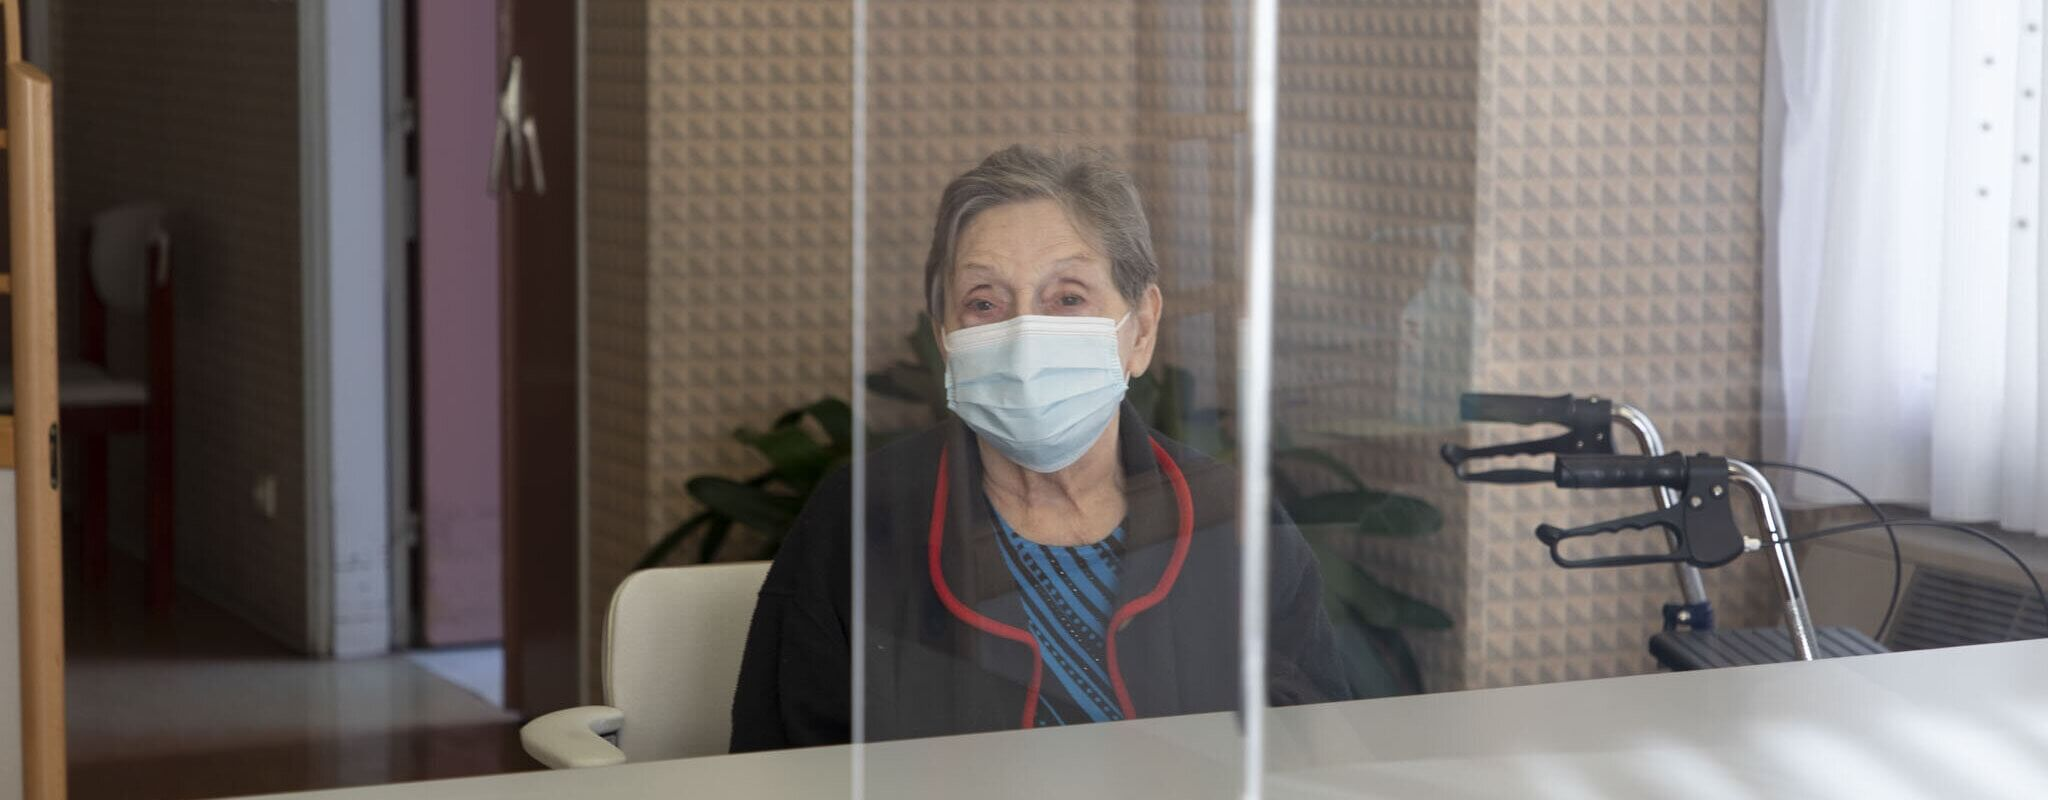 Dans un Ehpad strasbourgeois, la vaccination ne change rien à la vie quasi-confinée des résidents